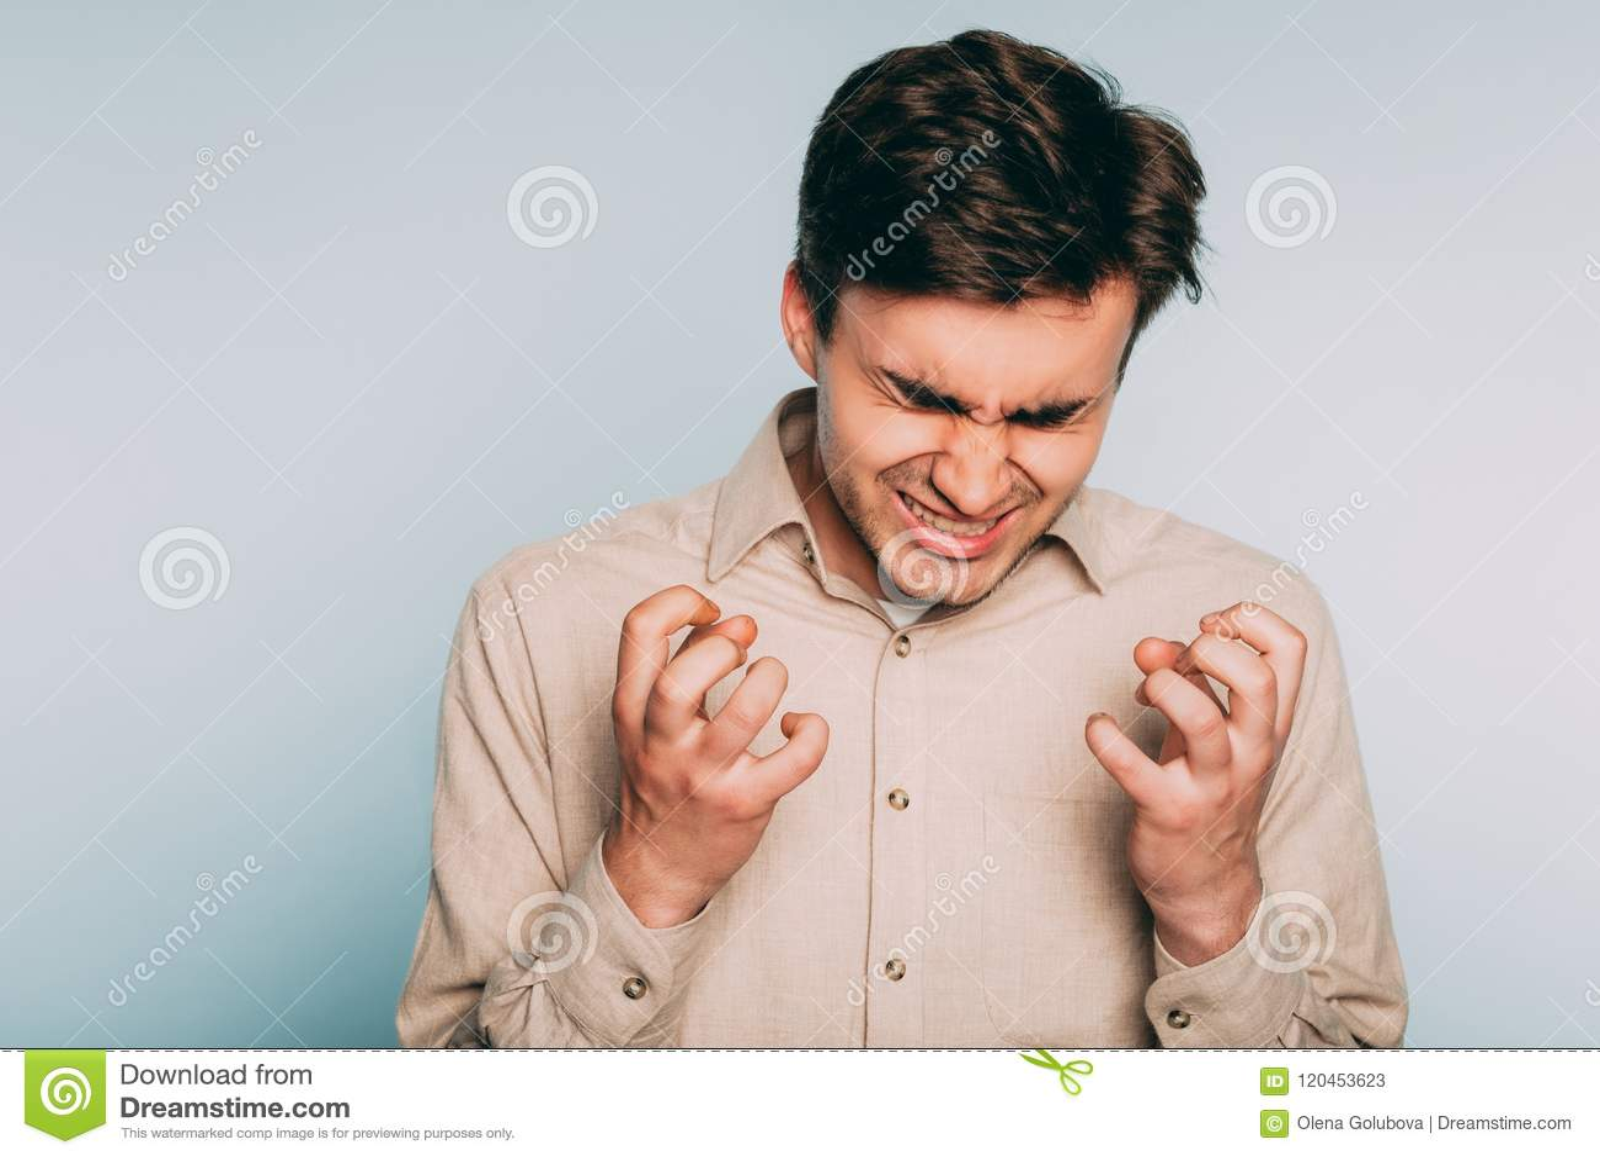 Emozione pazza furiosa resa furioso di furia dell uomo di rabbia di collera